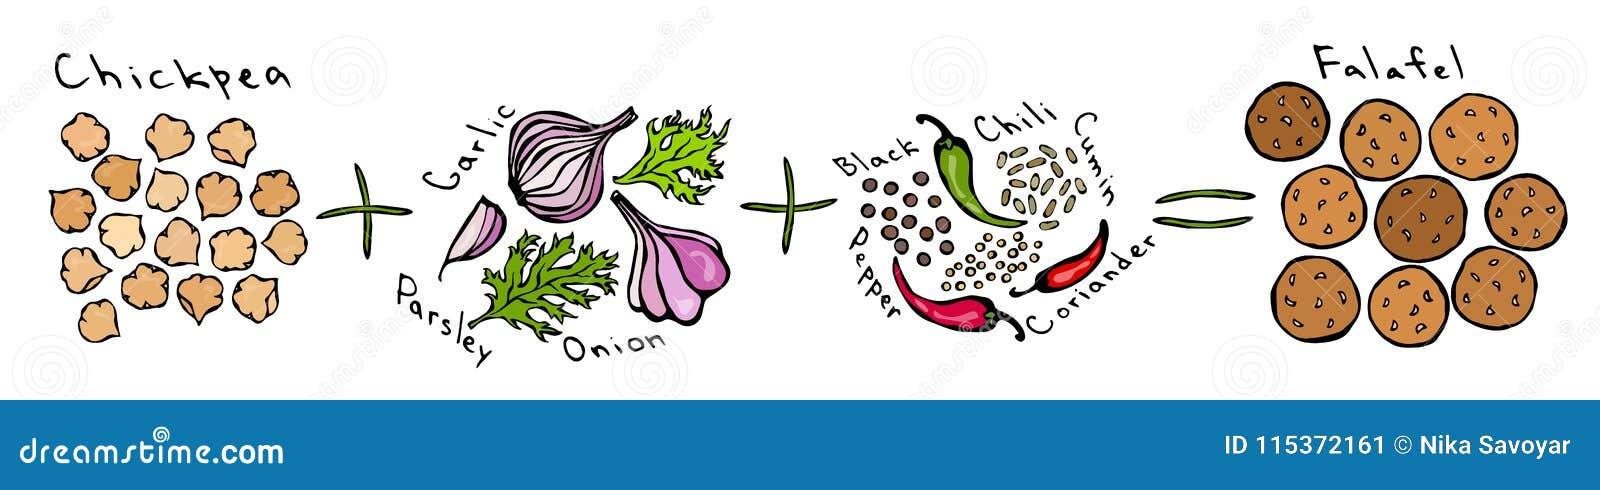 Manual da instrução de Diy do Falafel da receita Preto da salsa do alho da cebola do grão-de-bico e cominhos da pimenta, coentro